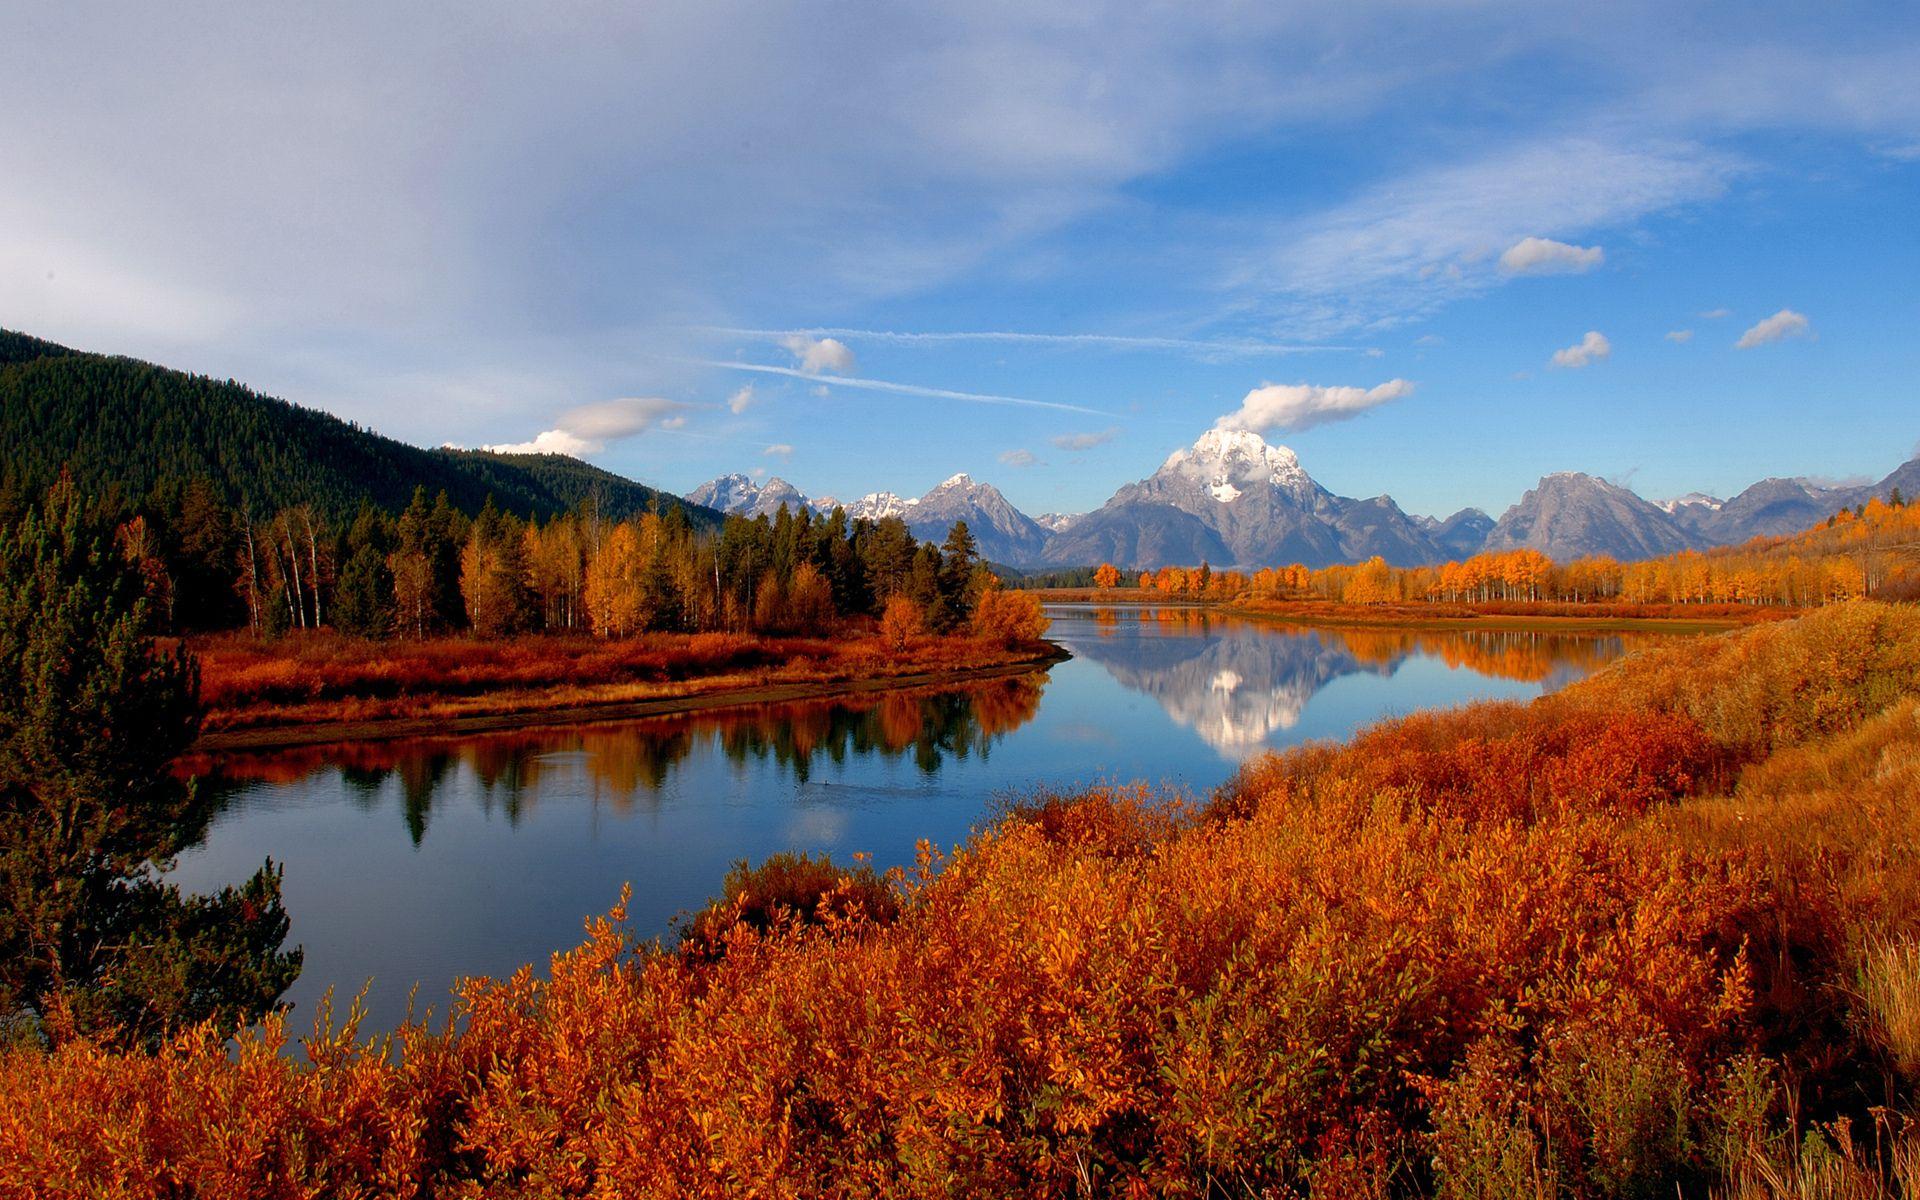 Terre Nature Paysage Automne Lac Montagne Fond D Ecran Fond D Ecran Ordinateur Fond D Ecran Telephone Fond Ecran Montagne